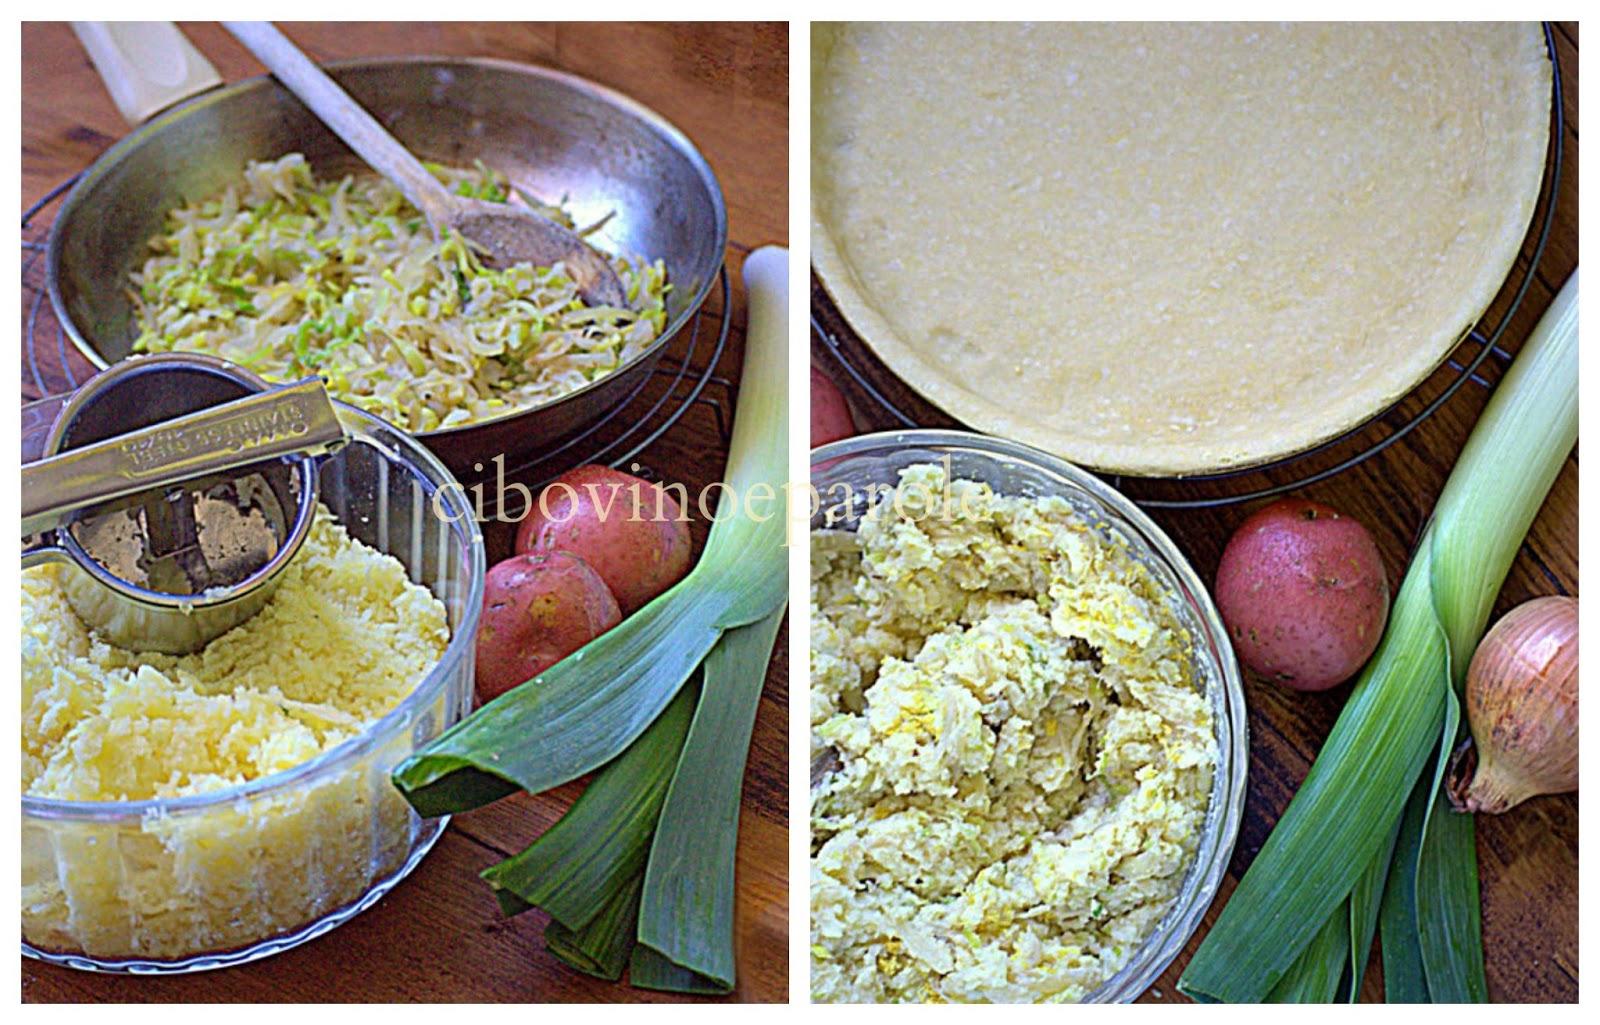 Torta di patate - ingrrdienti - ricetta